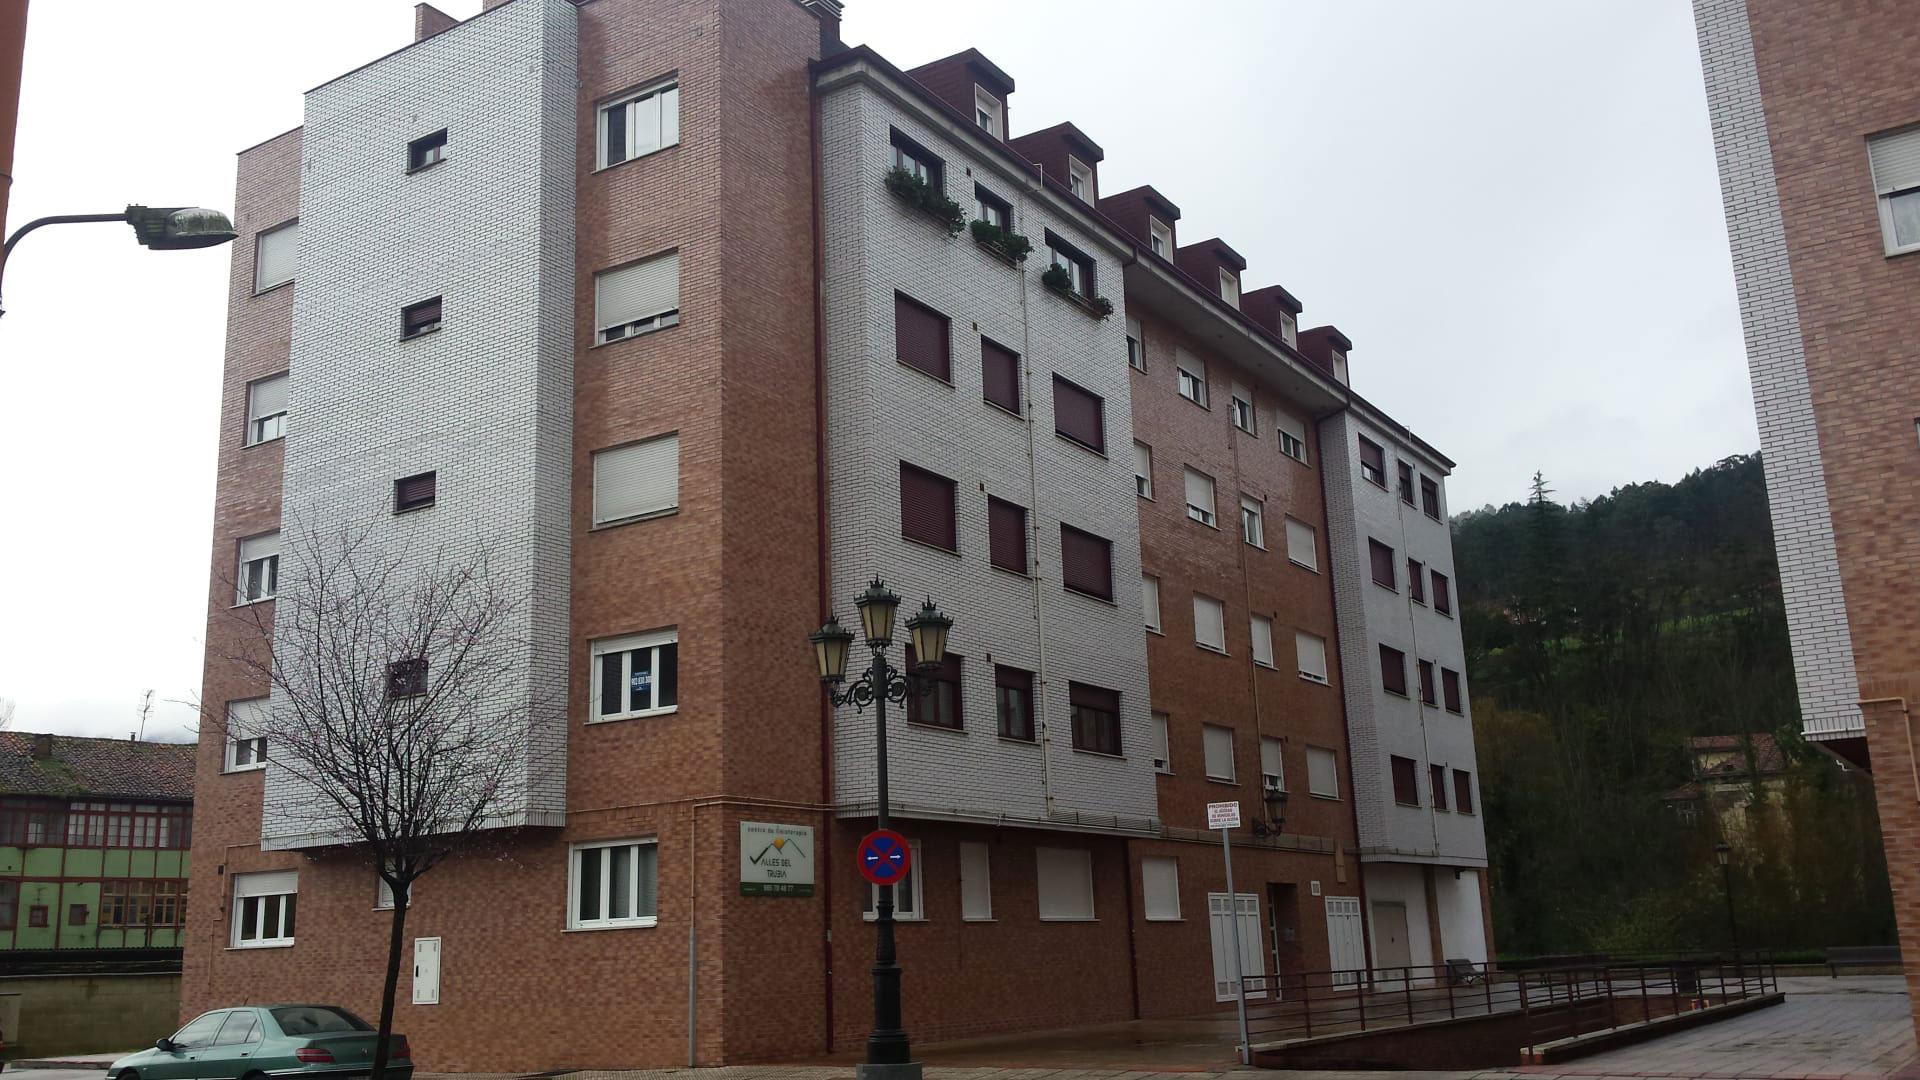 Piso en venta en Gijón, Asturias, Calle Luis Orejas Canseco, 101.200 €, 2 habitaciones, 2 baños, 96 m2